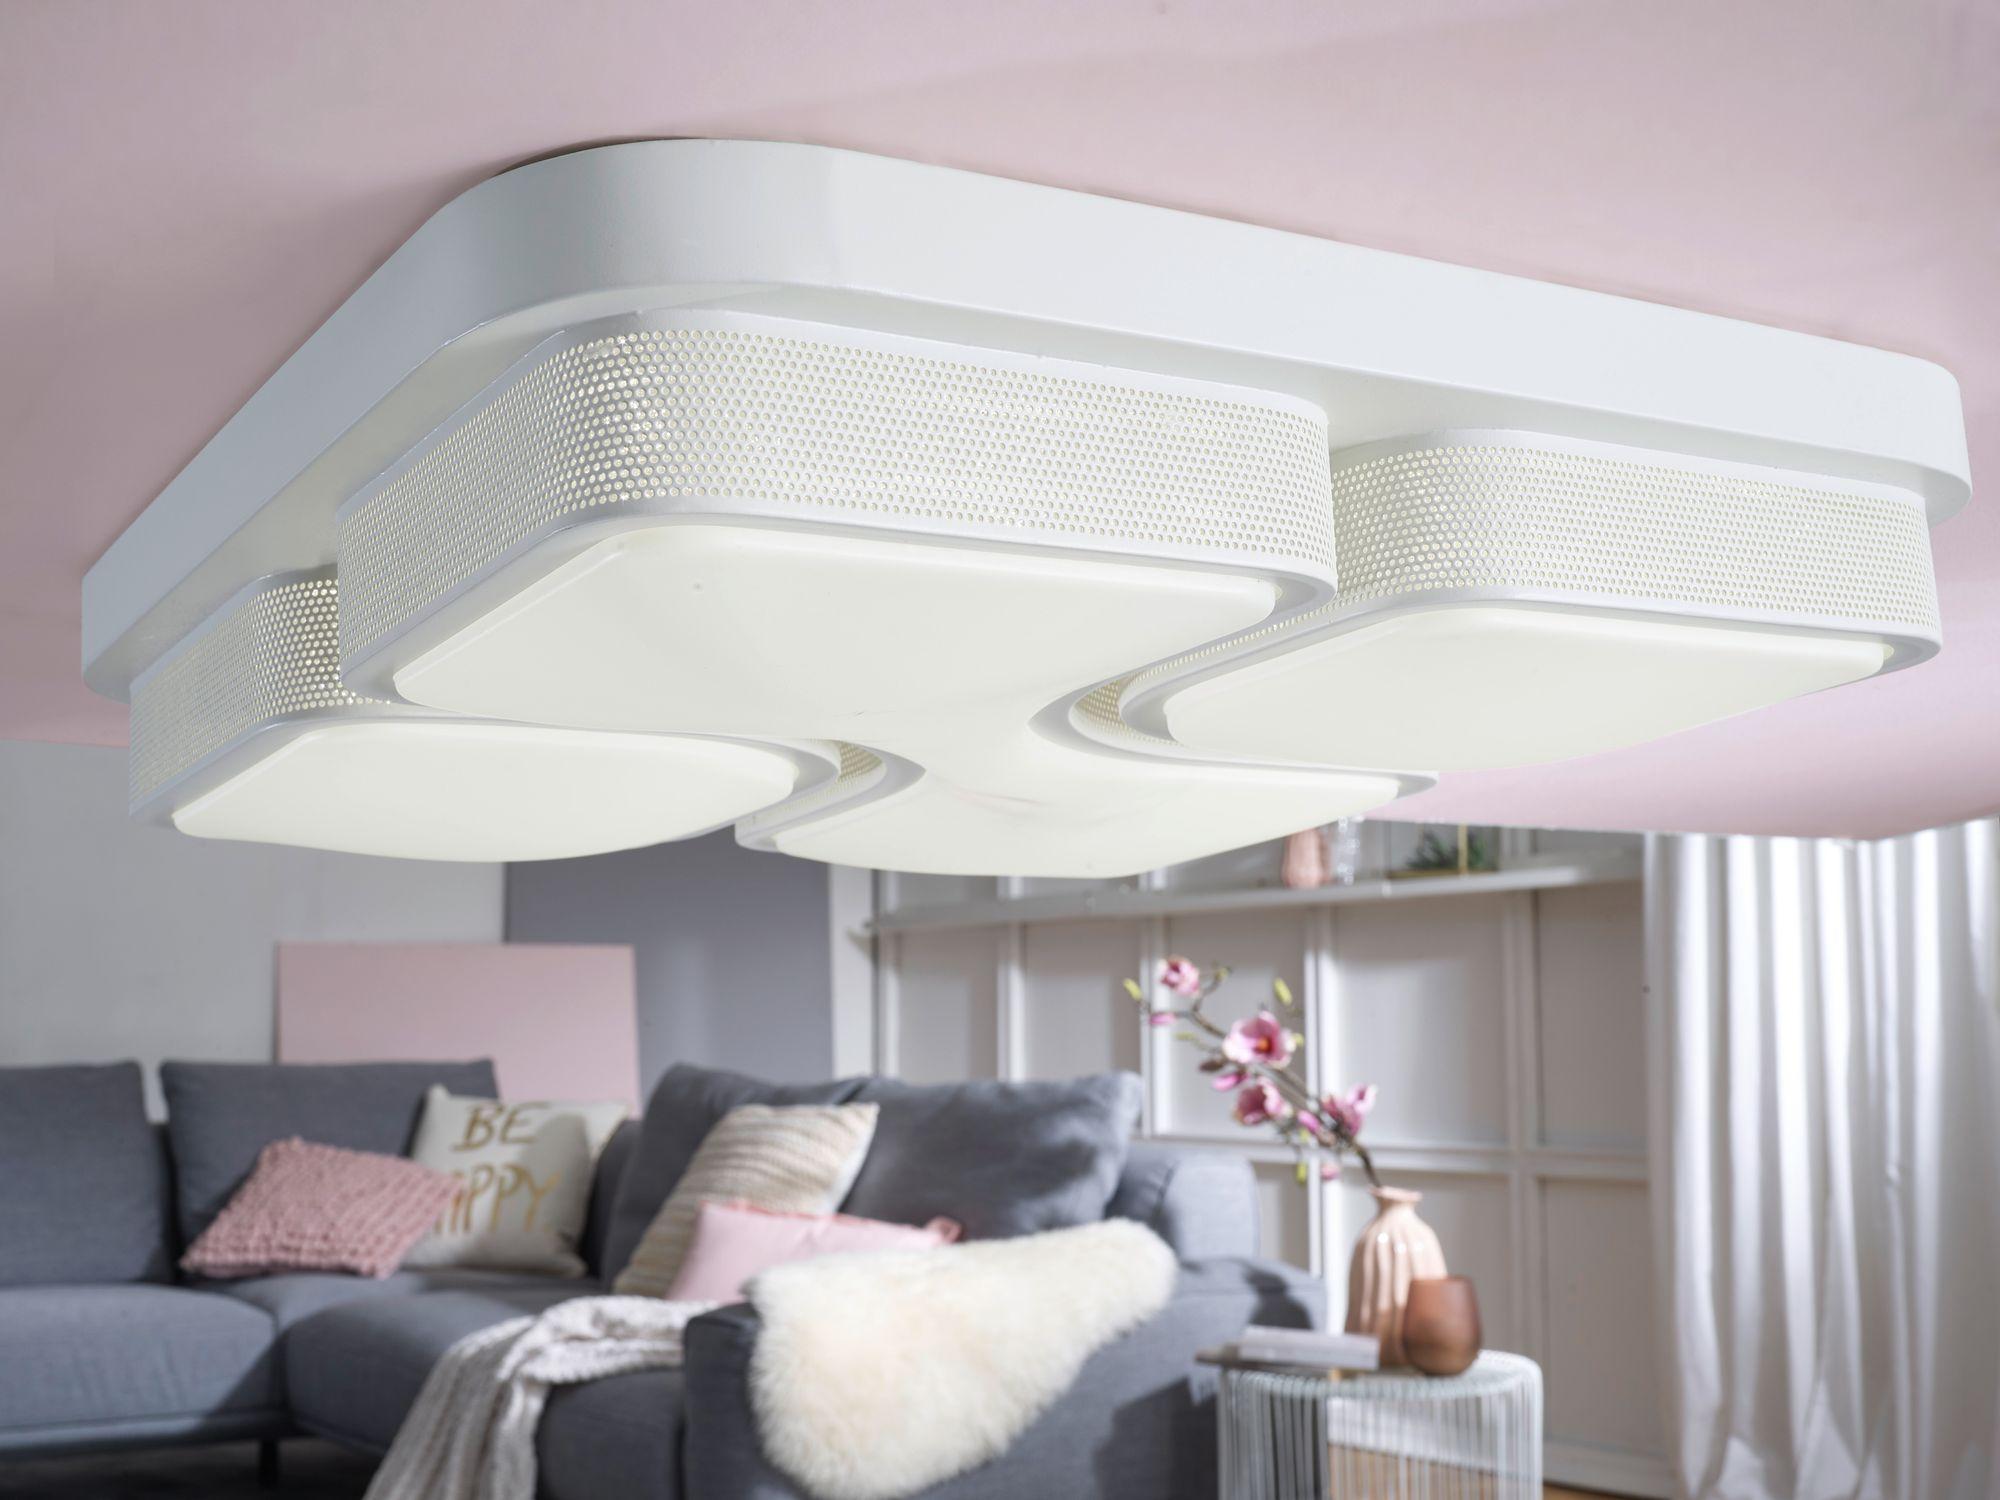 FineBuy LED Deckenlampe 32W Lampe Wohnzimmer Deckenleuchte A+ Beleuchtung